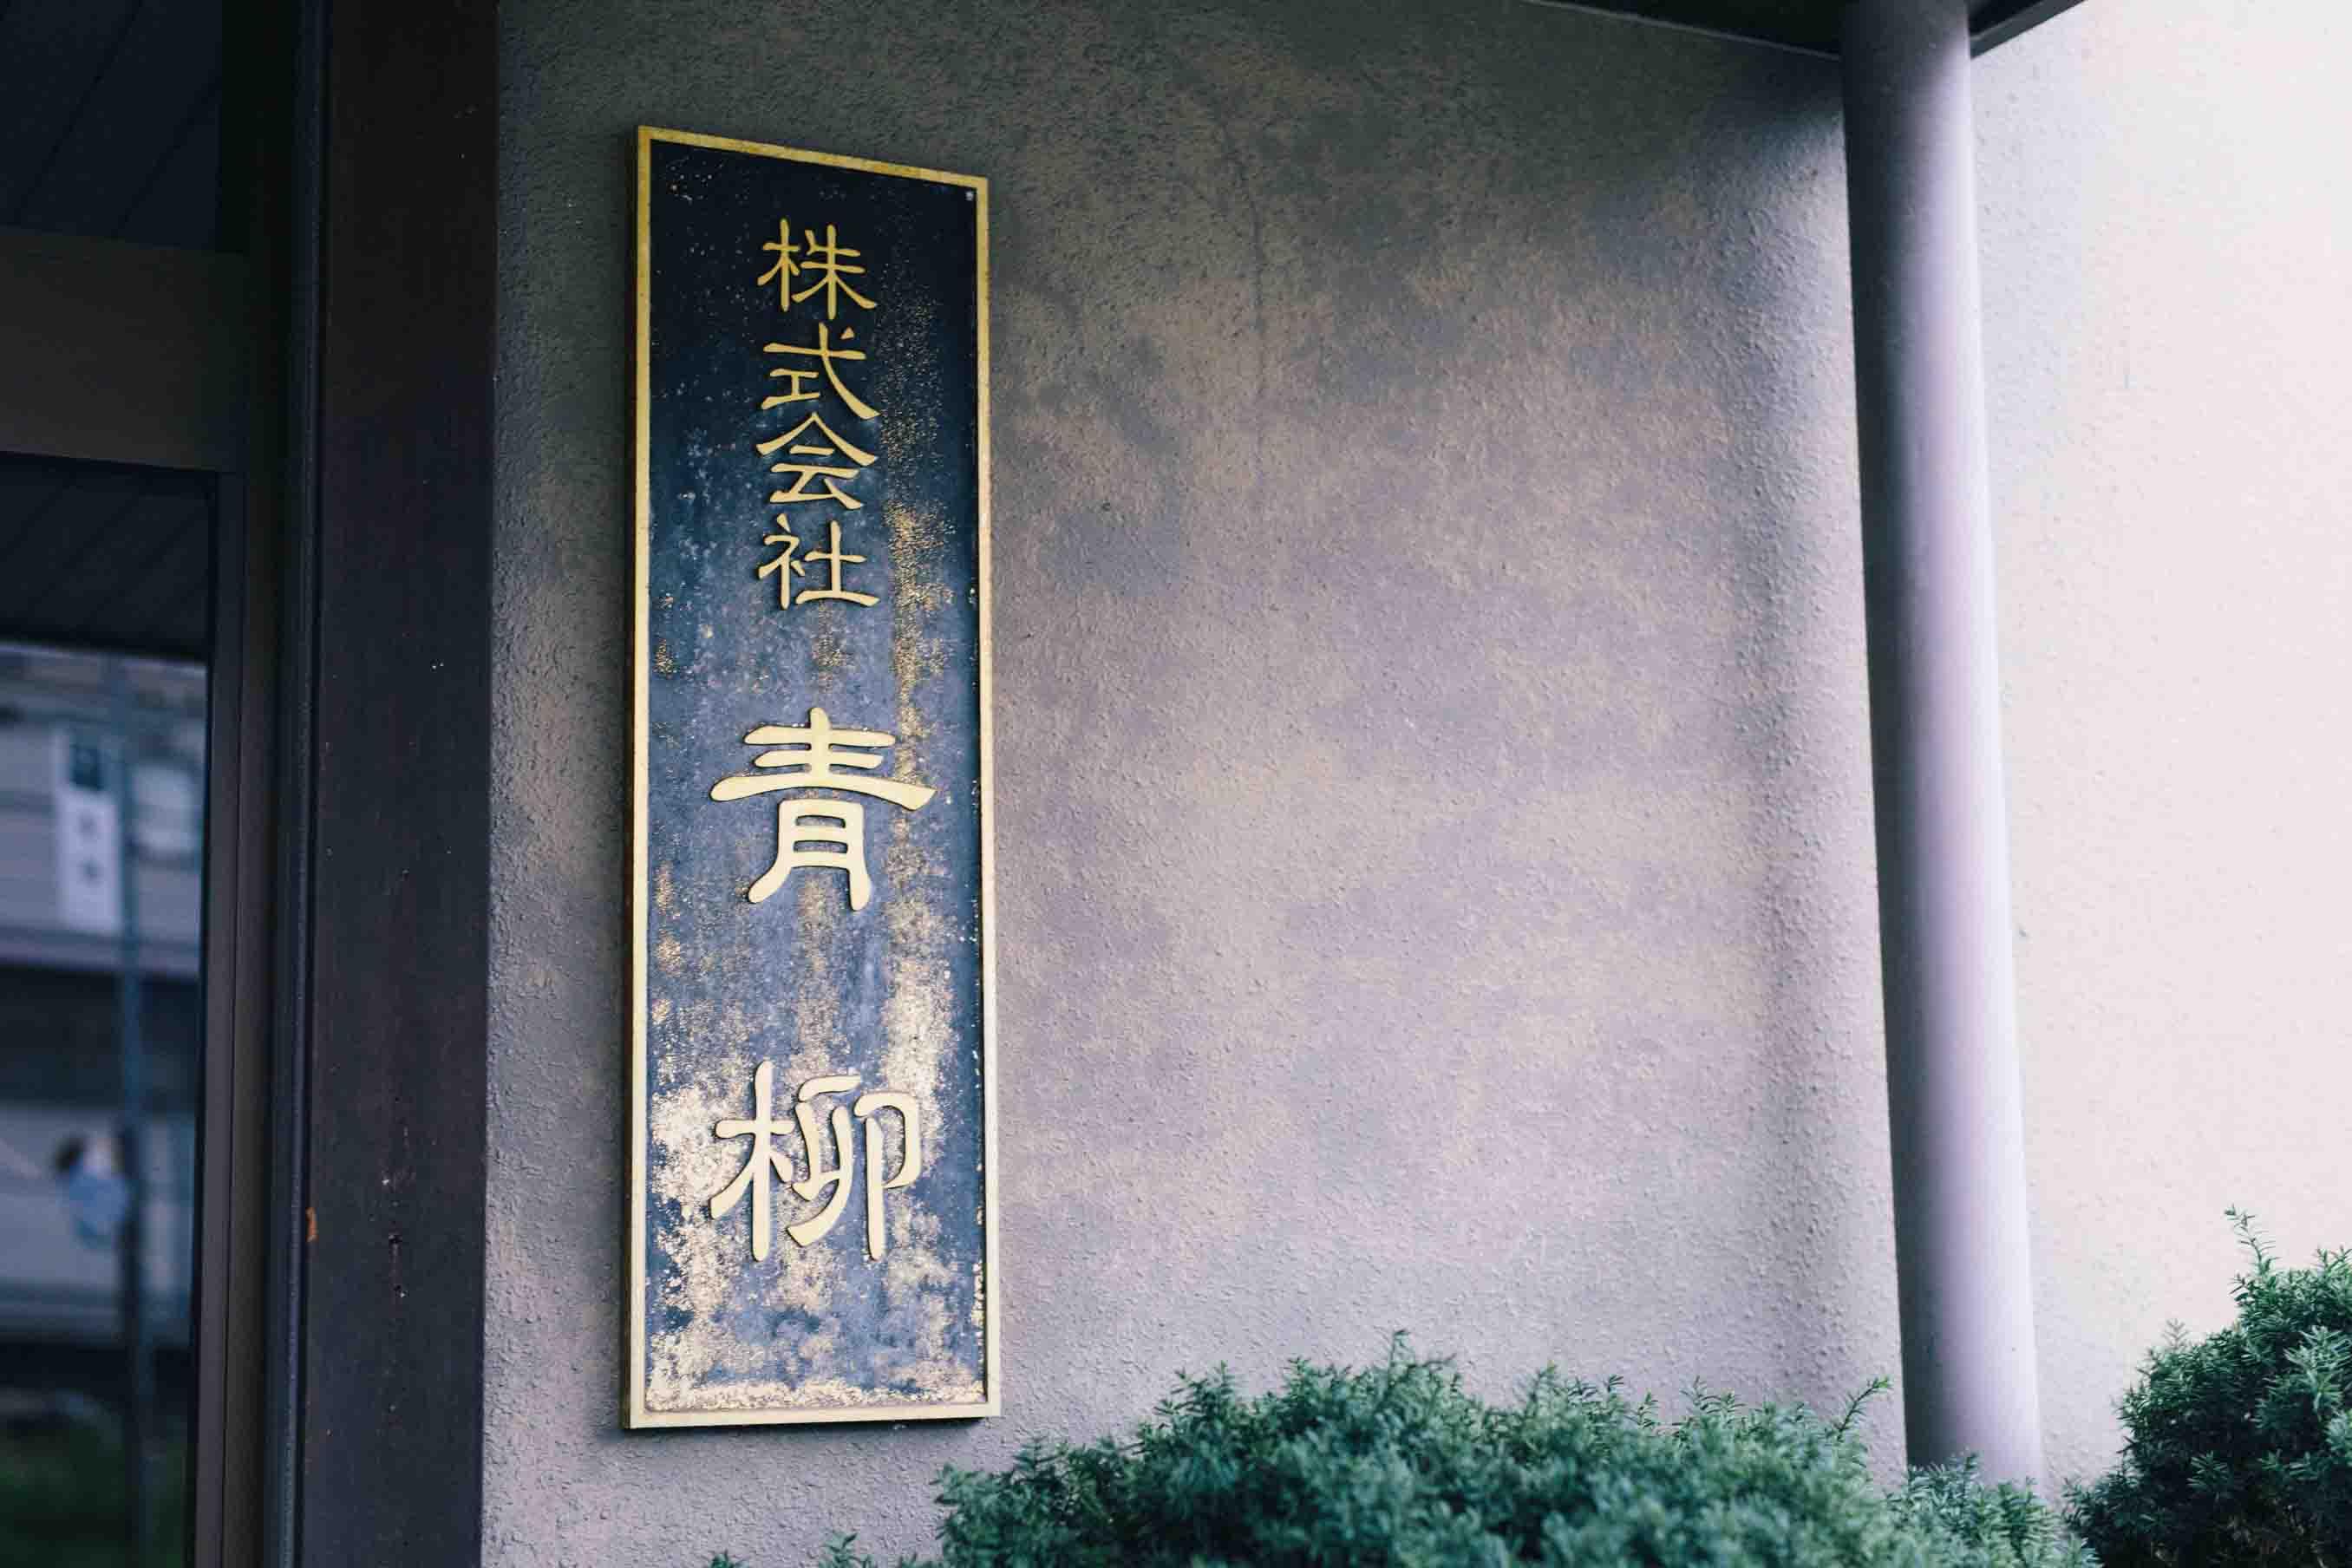 1938 (昭和13年) 創業、株式会社青柳